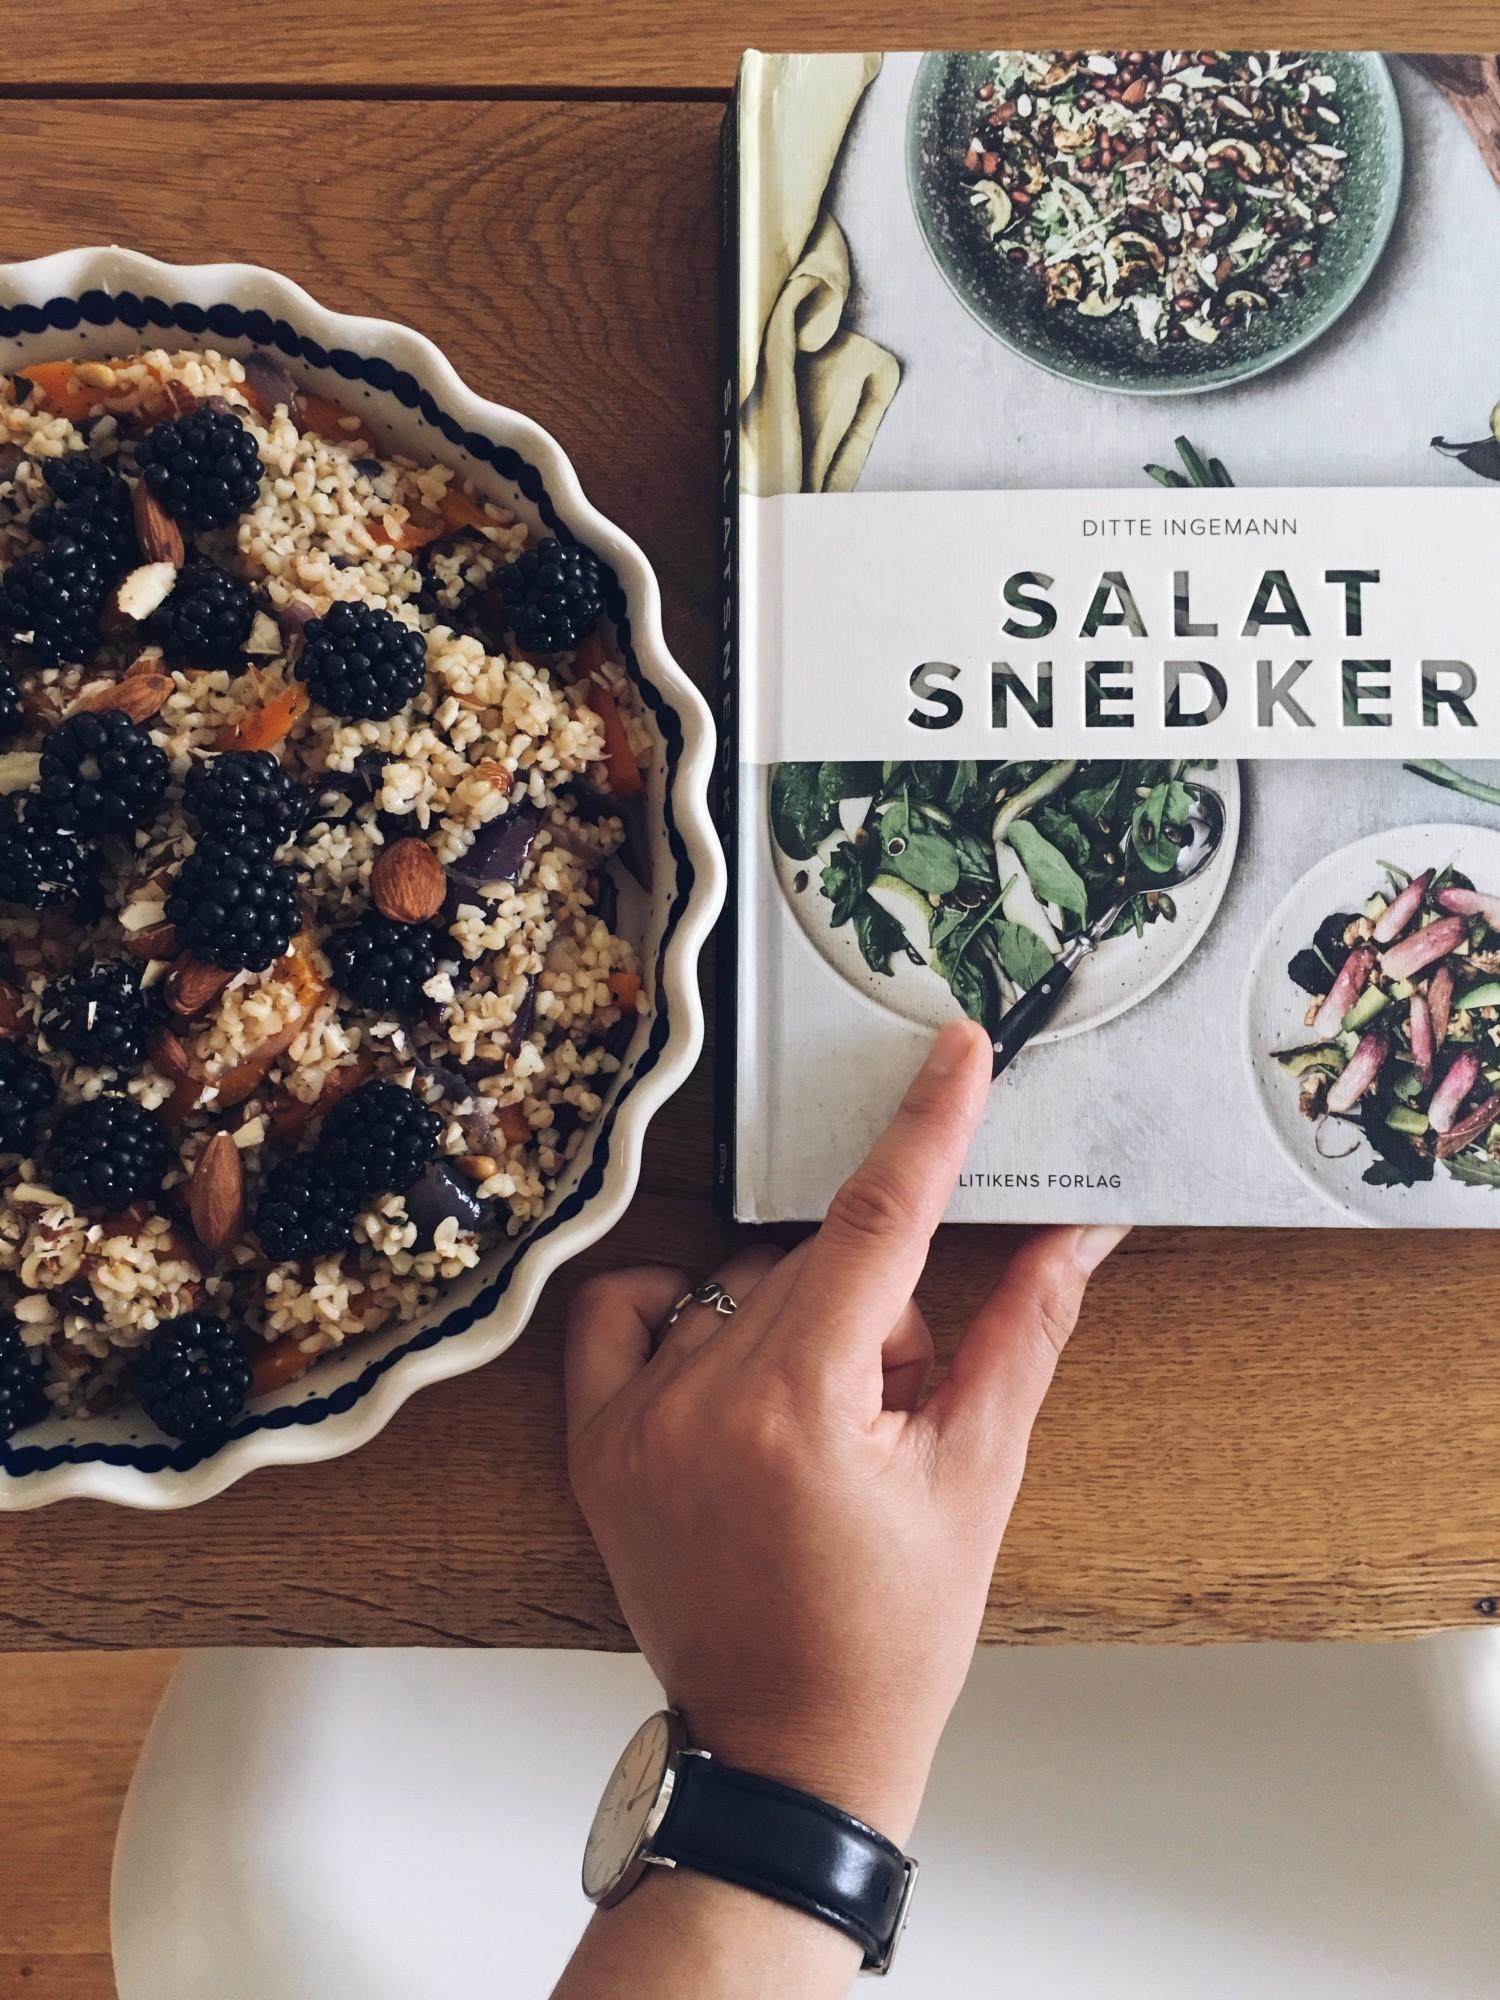 Salatsnedker Ditte